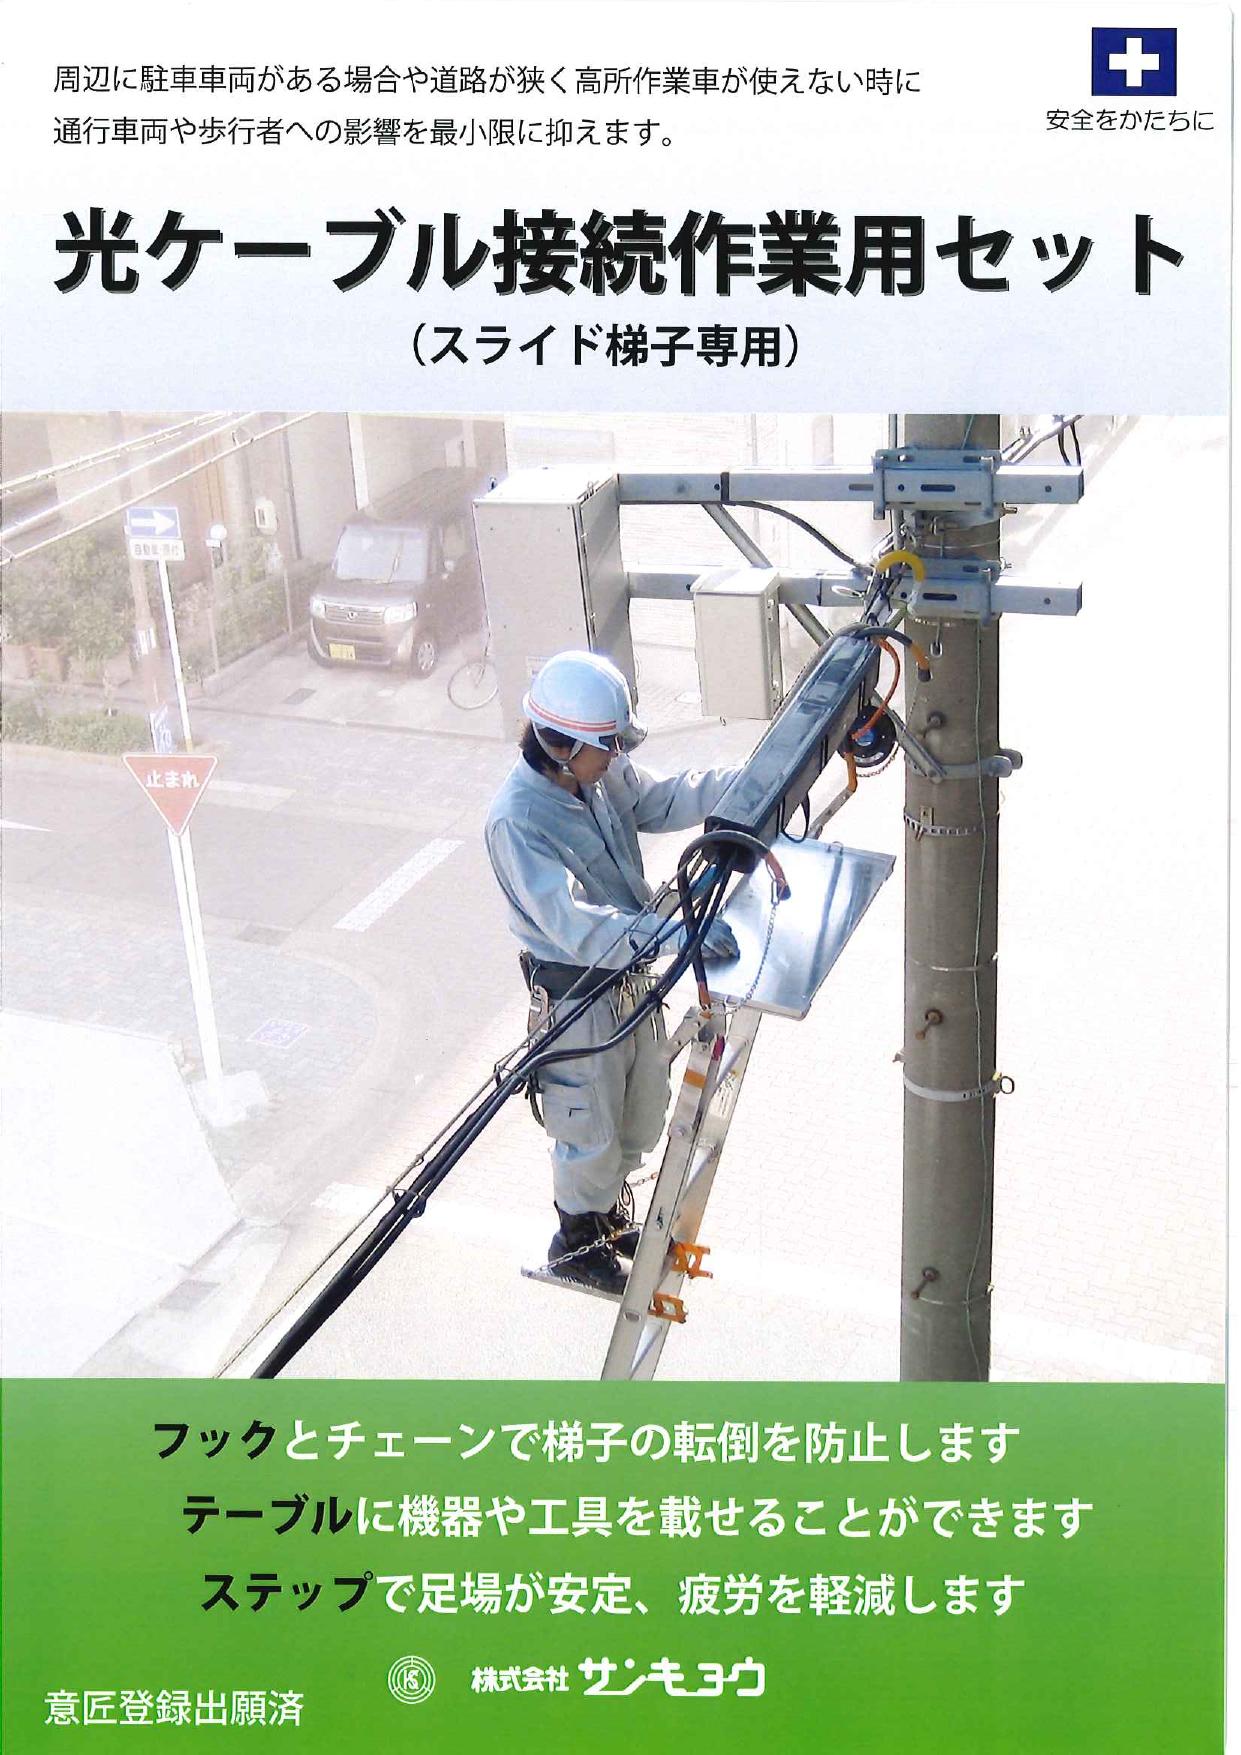 光ケーブル接続作業用セット(スライド梯子専用)